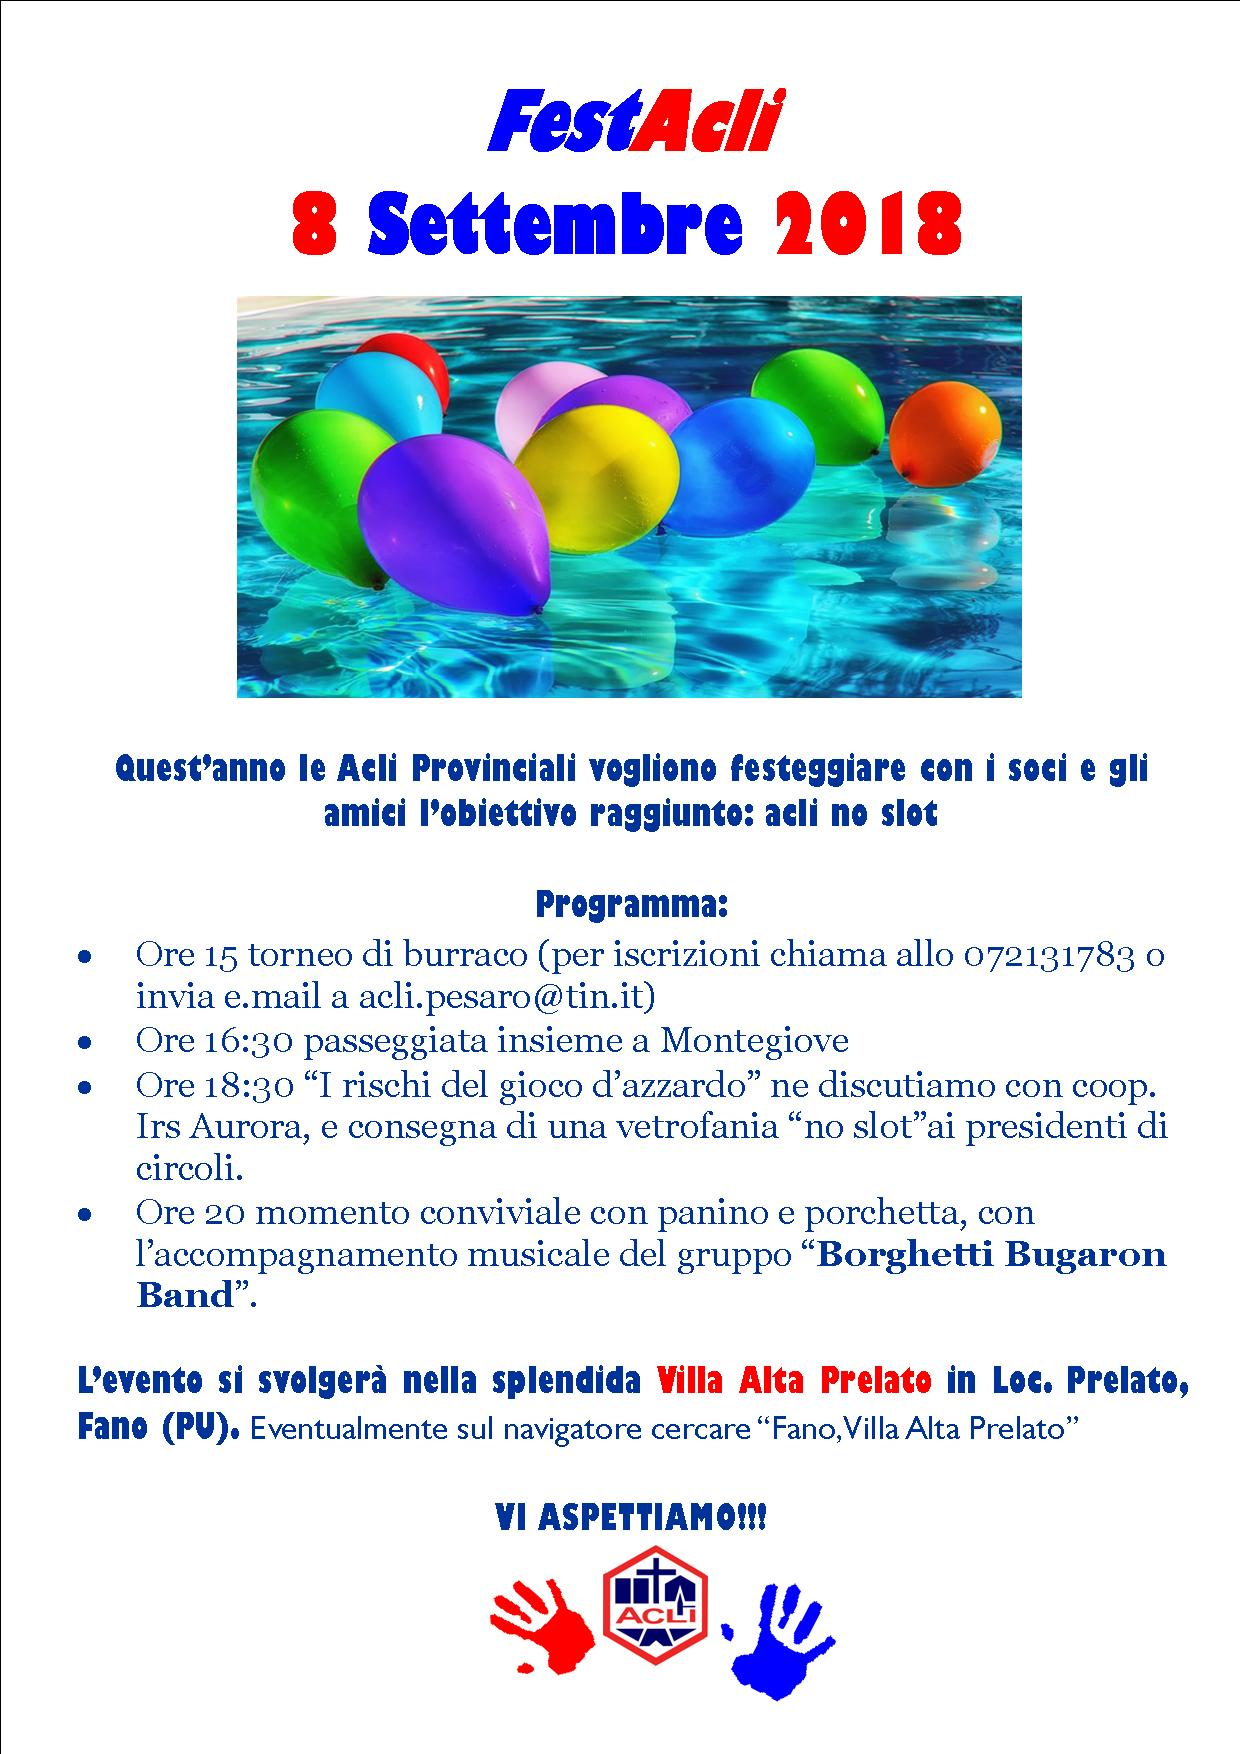 Volantino FestAcli 2018